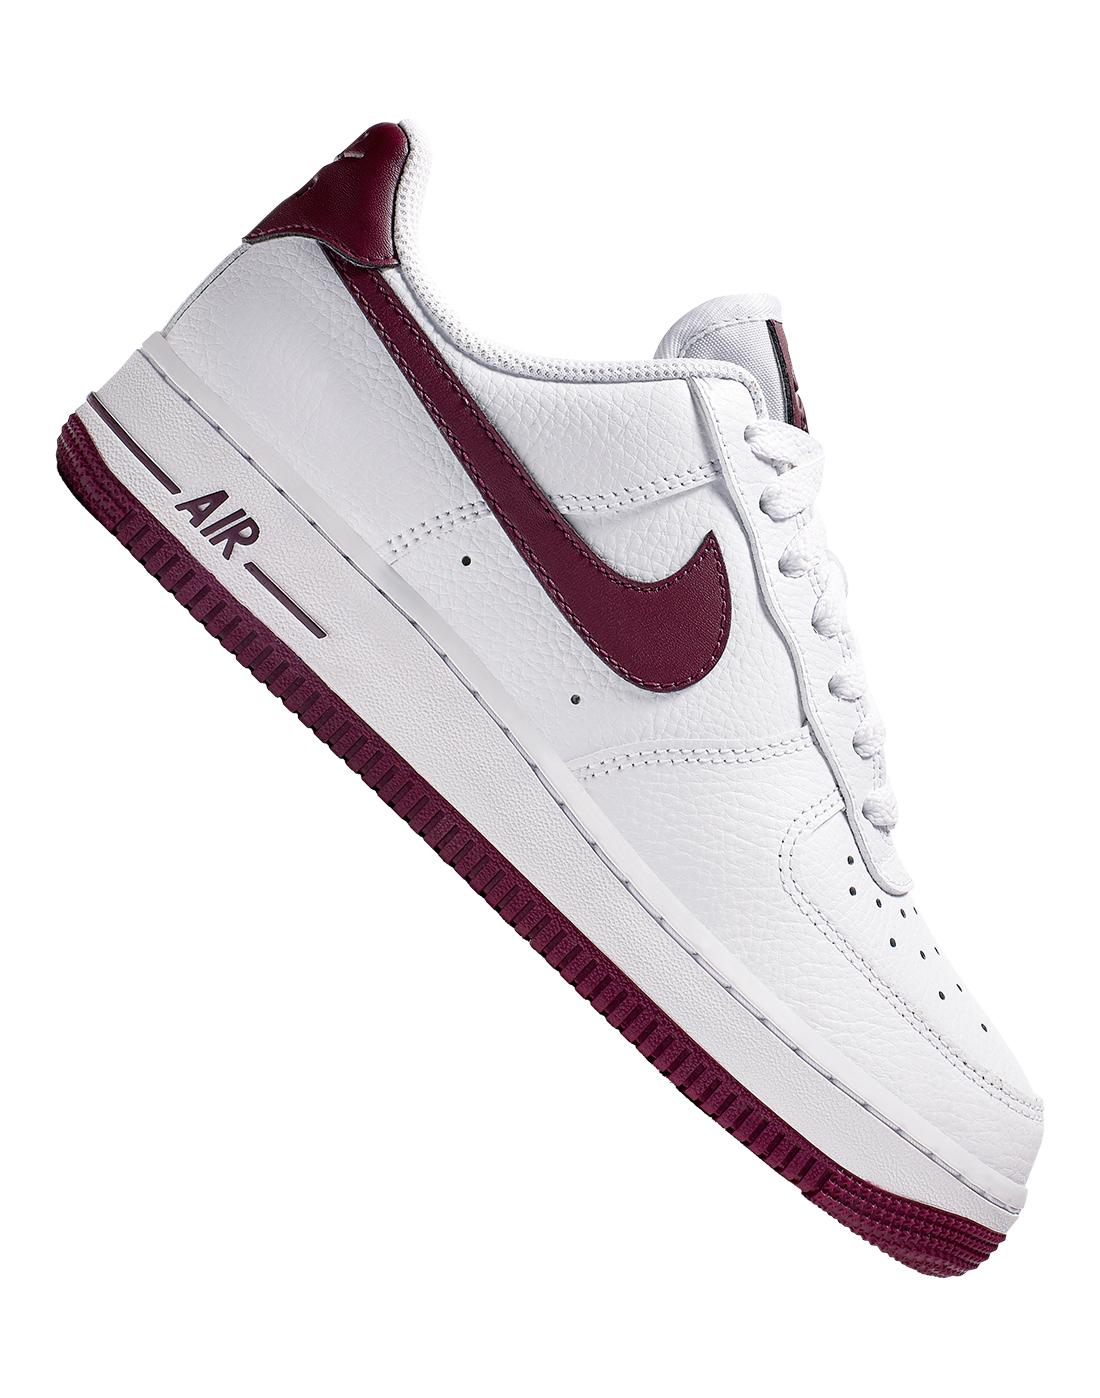 White \u0026 Burgundy Nike Air Force 1